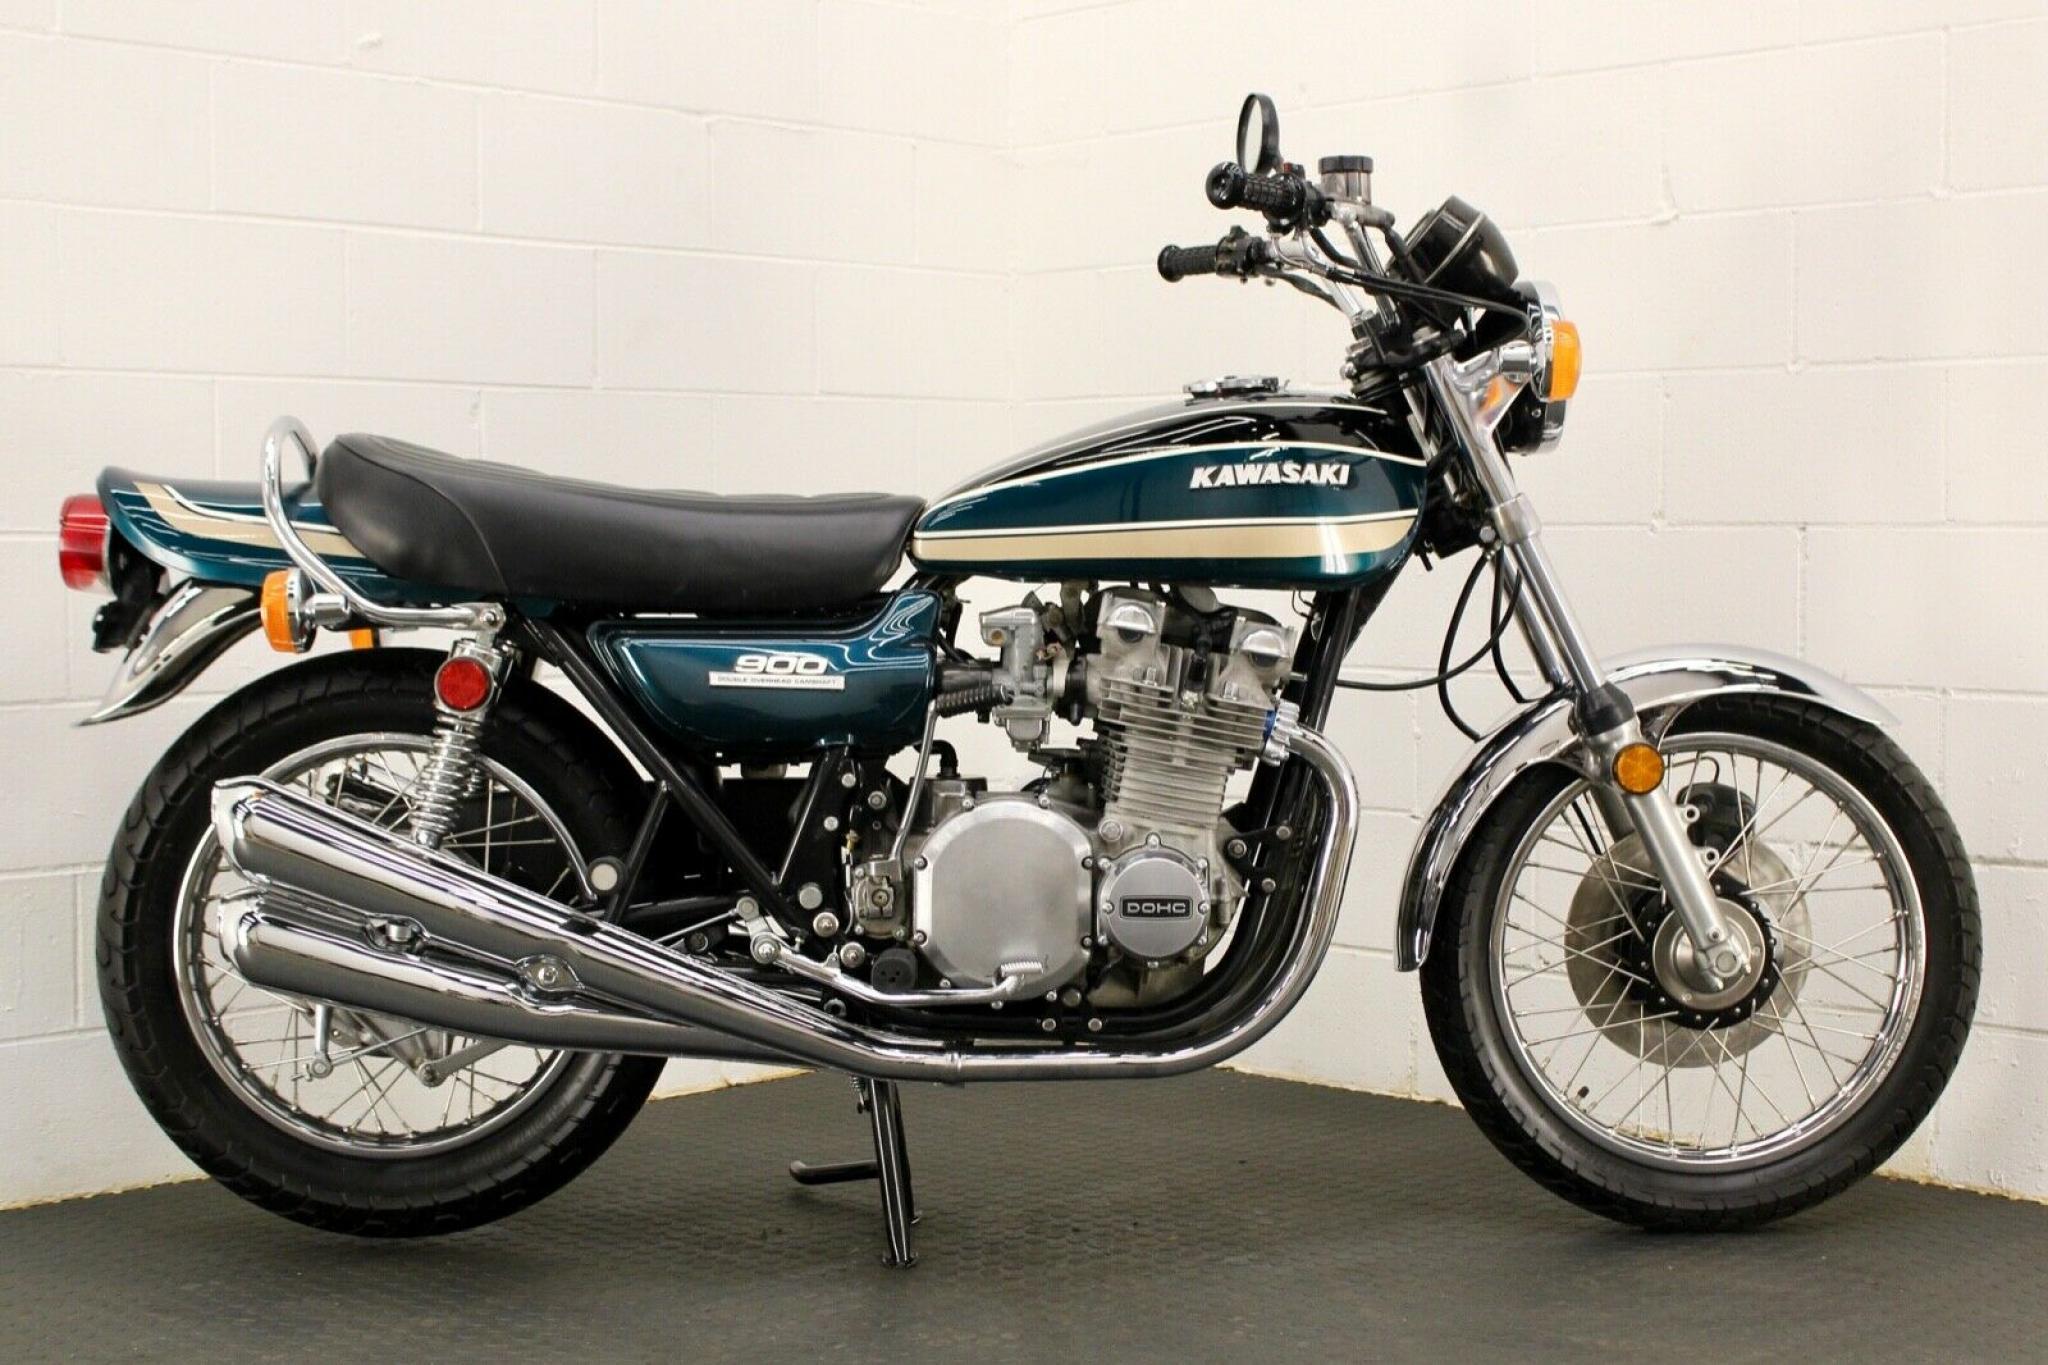 カワサキ 1974 Kawasaki Z1 A 900 車体写真1